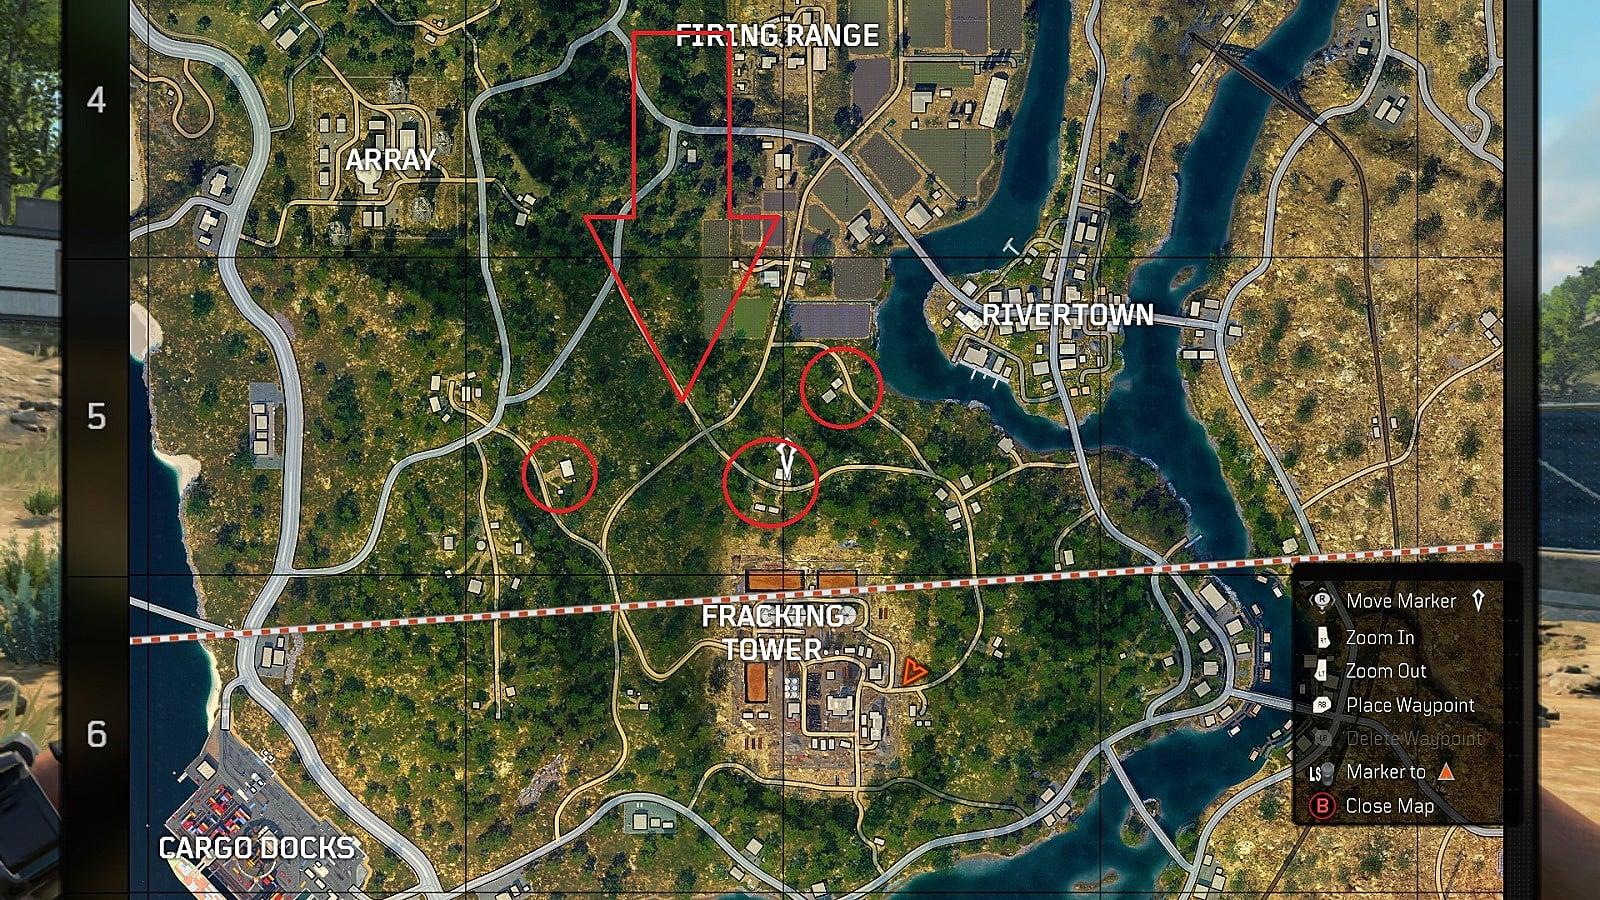 Call Of Duty Blackout: Best Landing Spots In Black Ops 4